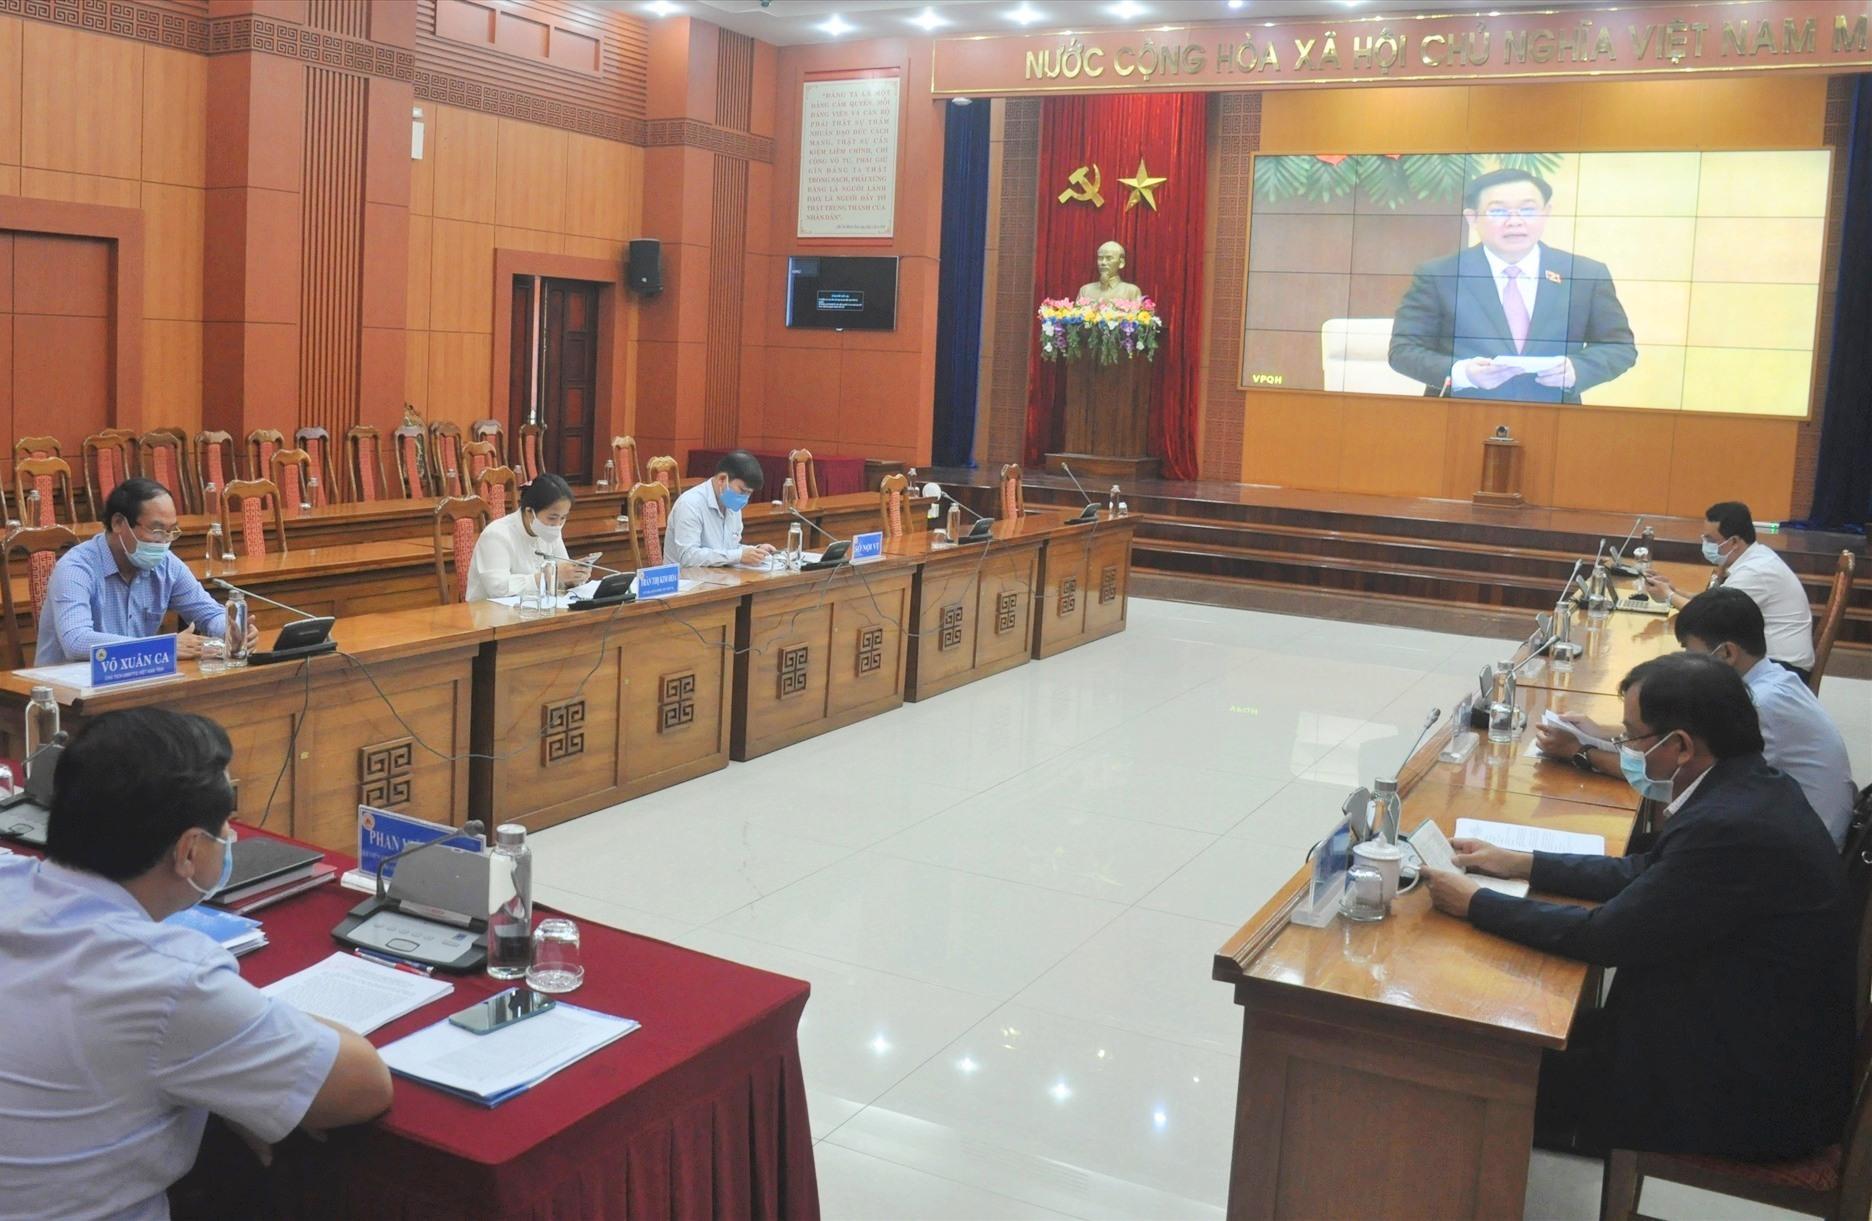 Các đồng chí lãnh đạo tỉnh, Ủy ban Bầu cử tỉnh theo dõi hội nghị tại điểm cầu Quảng Nam. Ảnh: Đ.A